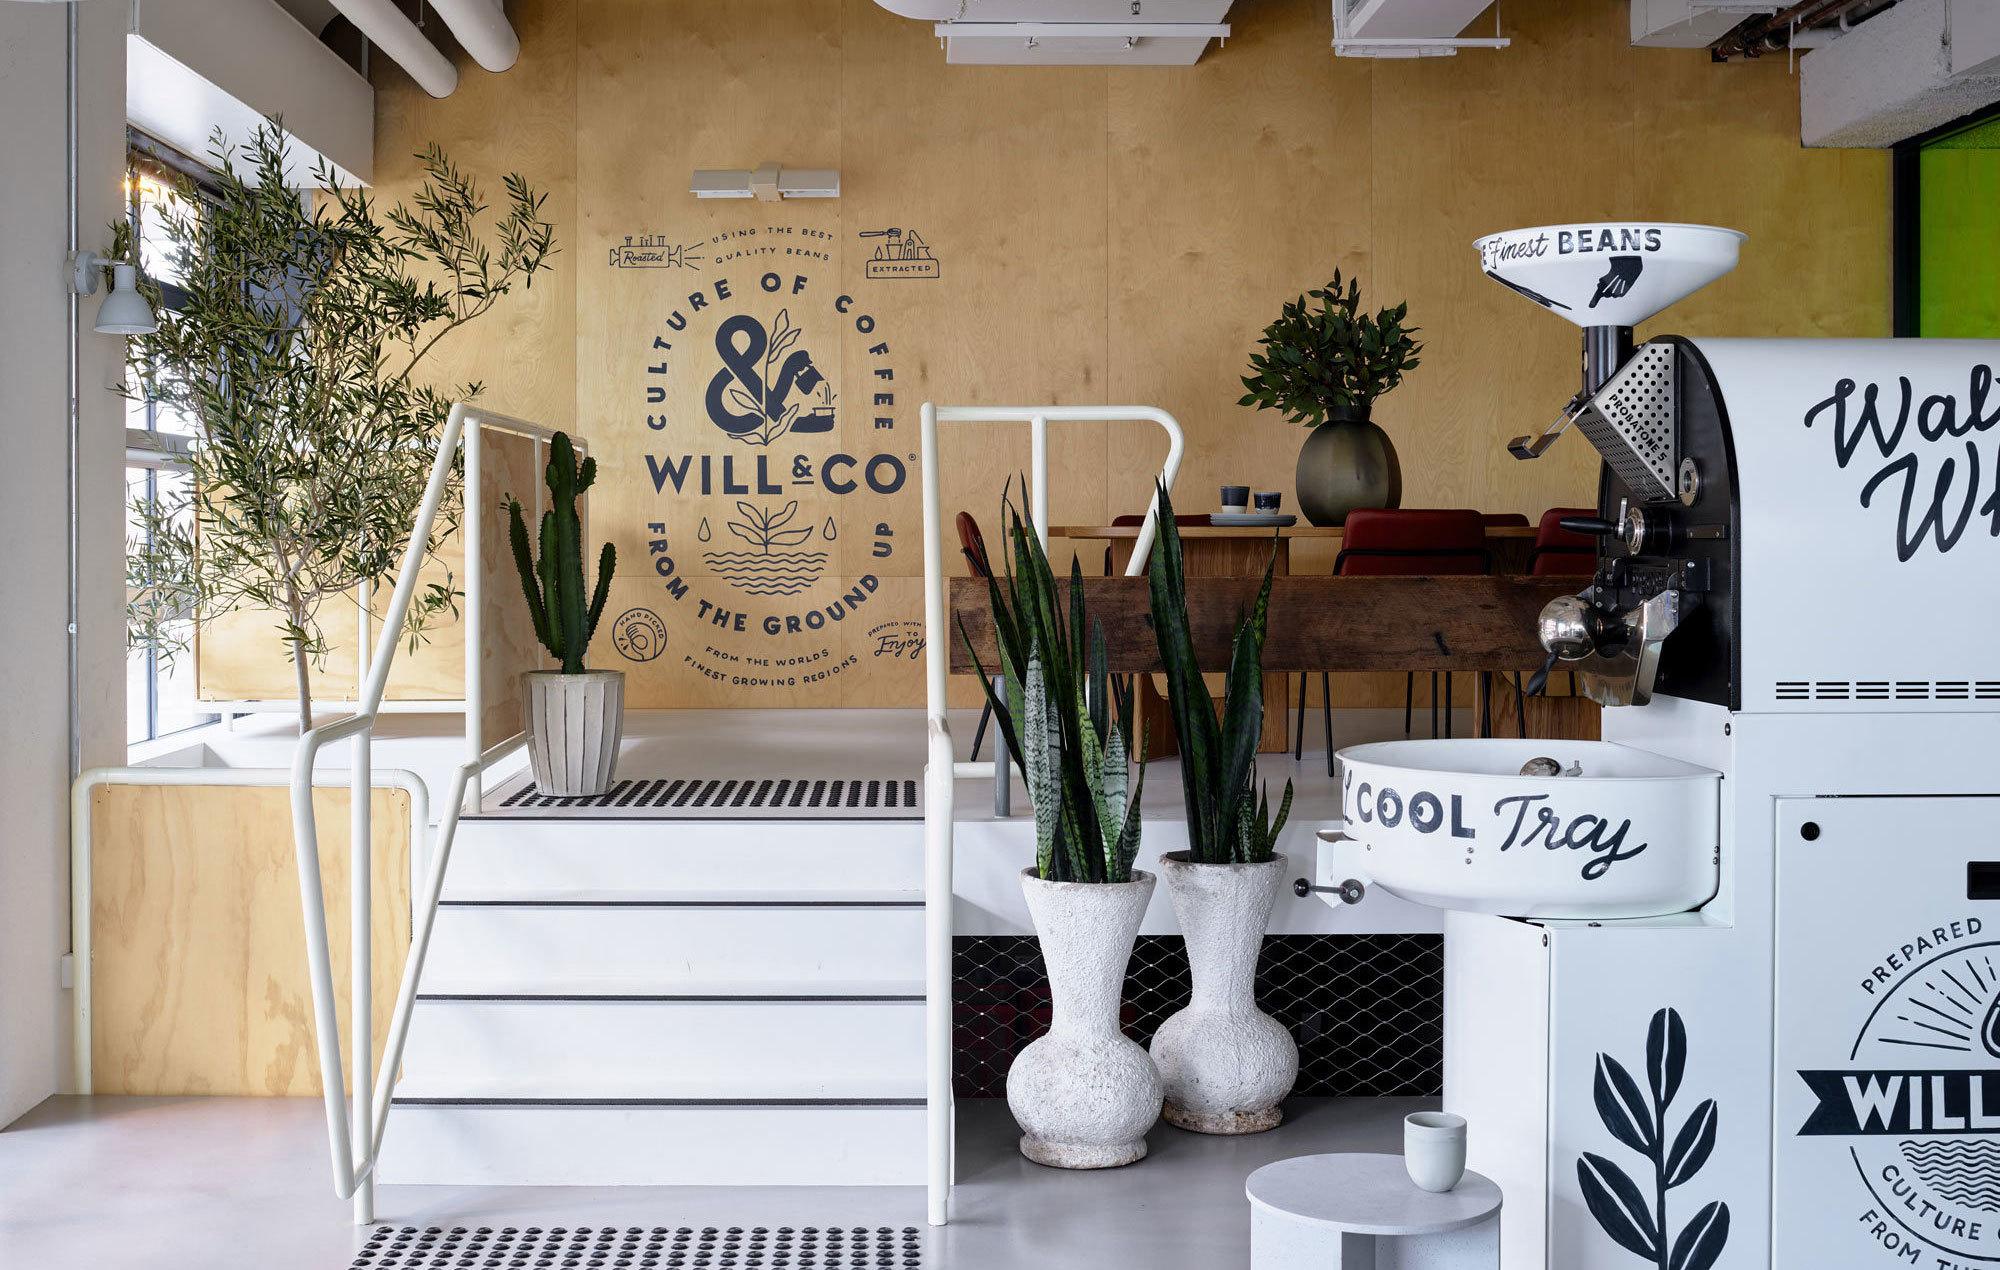 In den globalen Metropolen etablieren sich individuelle Kaffeeröstereien – und sorgen mit ihren Cafés für eine räumliche Verbindung von Genuss und Produktion. (Im Bild: Will&Co, Alexander&CO., Sydney, Foto: Anson Smart)